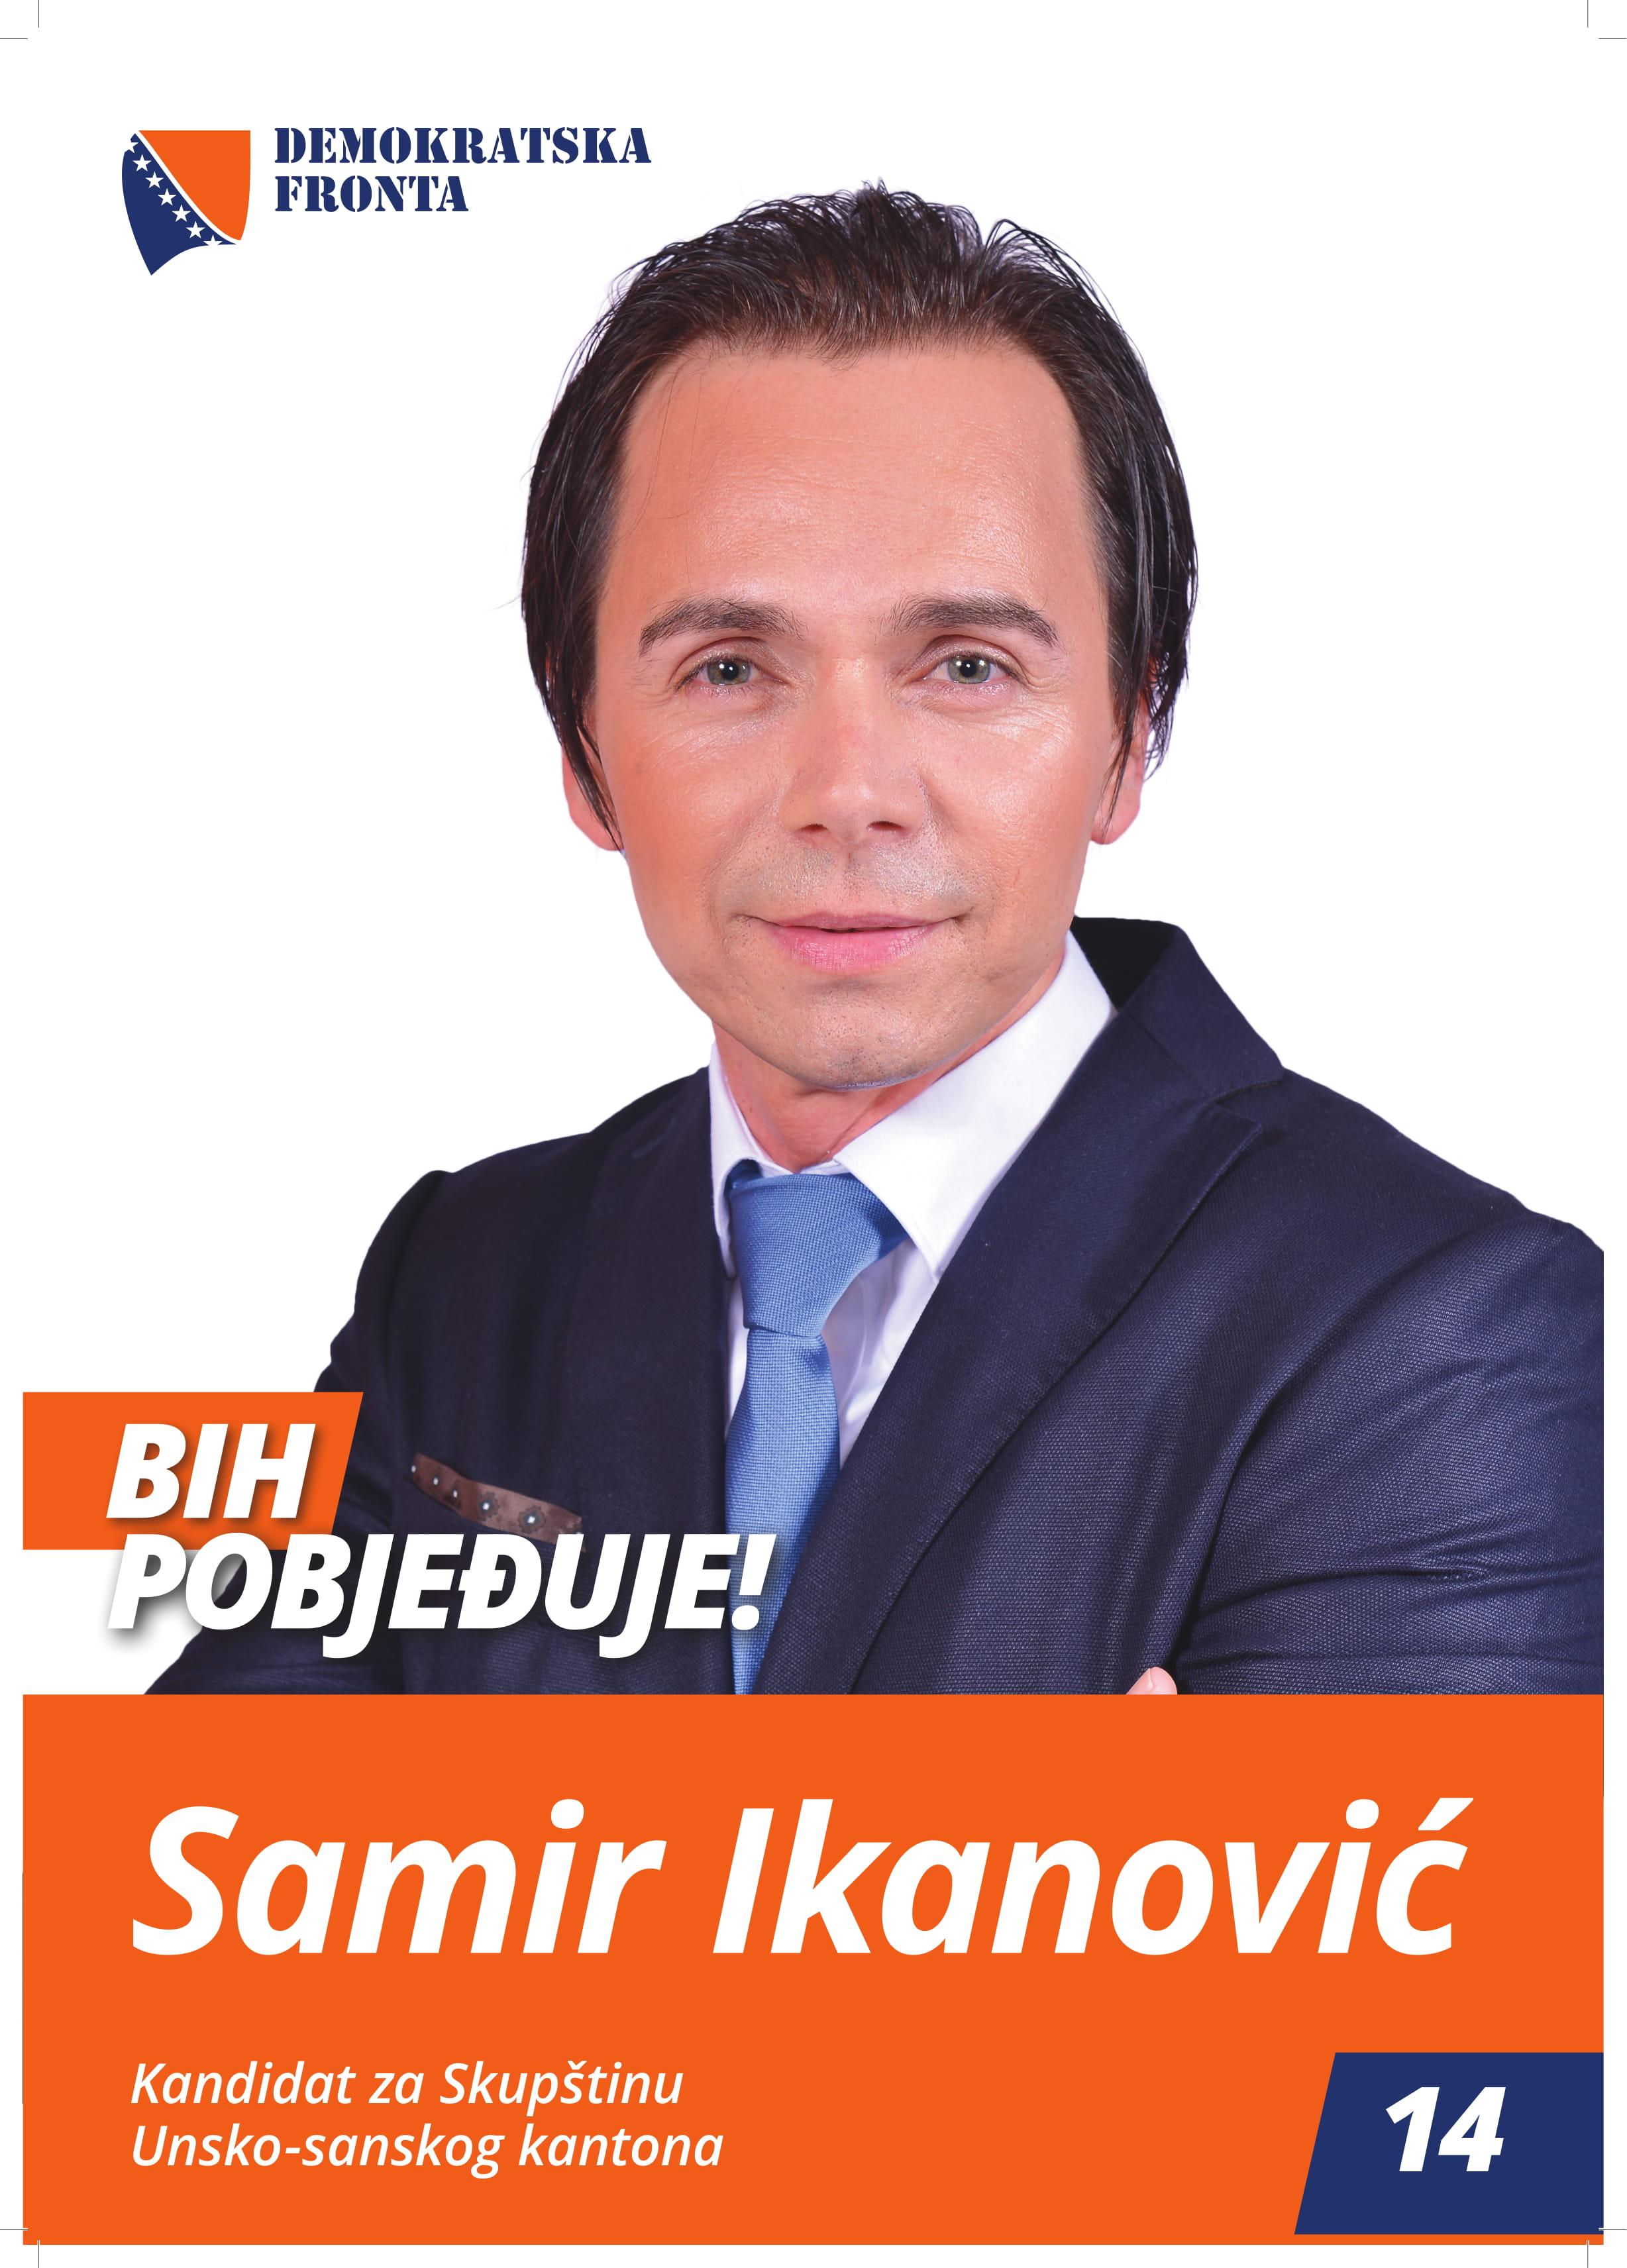 Samir Ikanović, diplomirani ekonomista